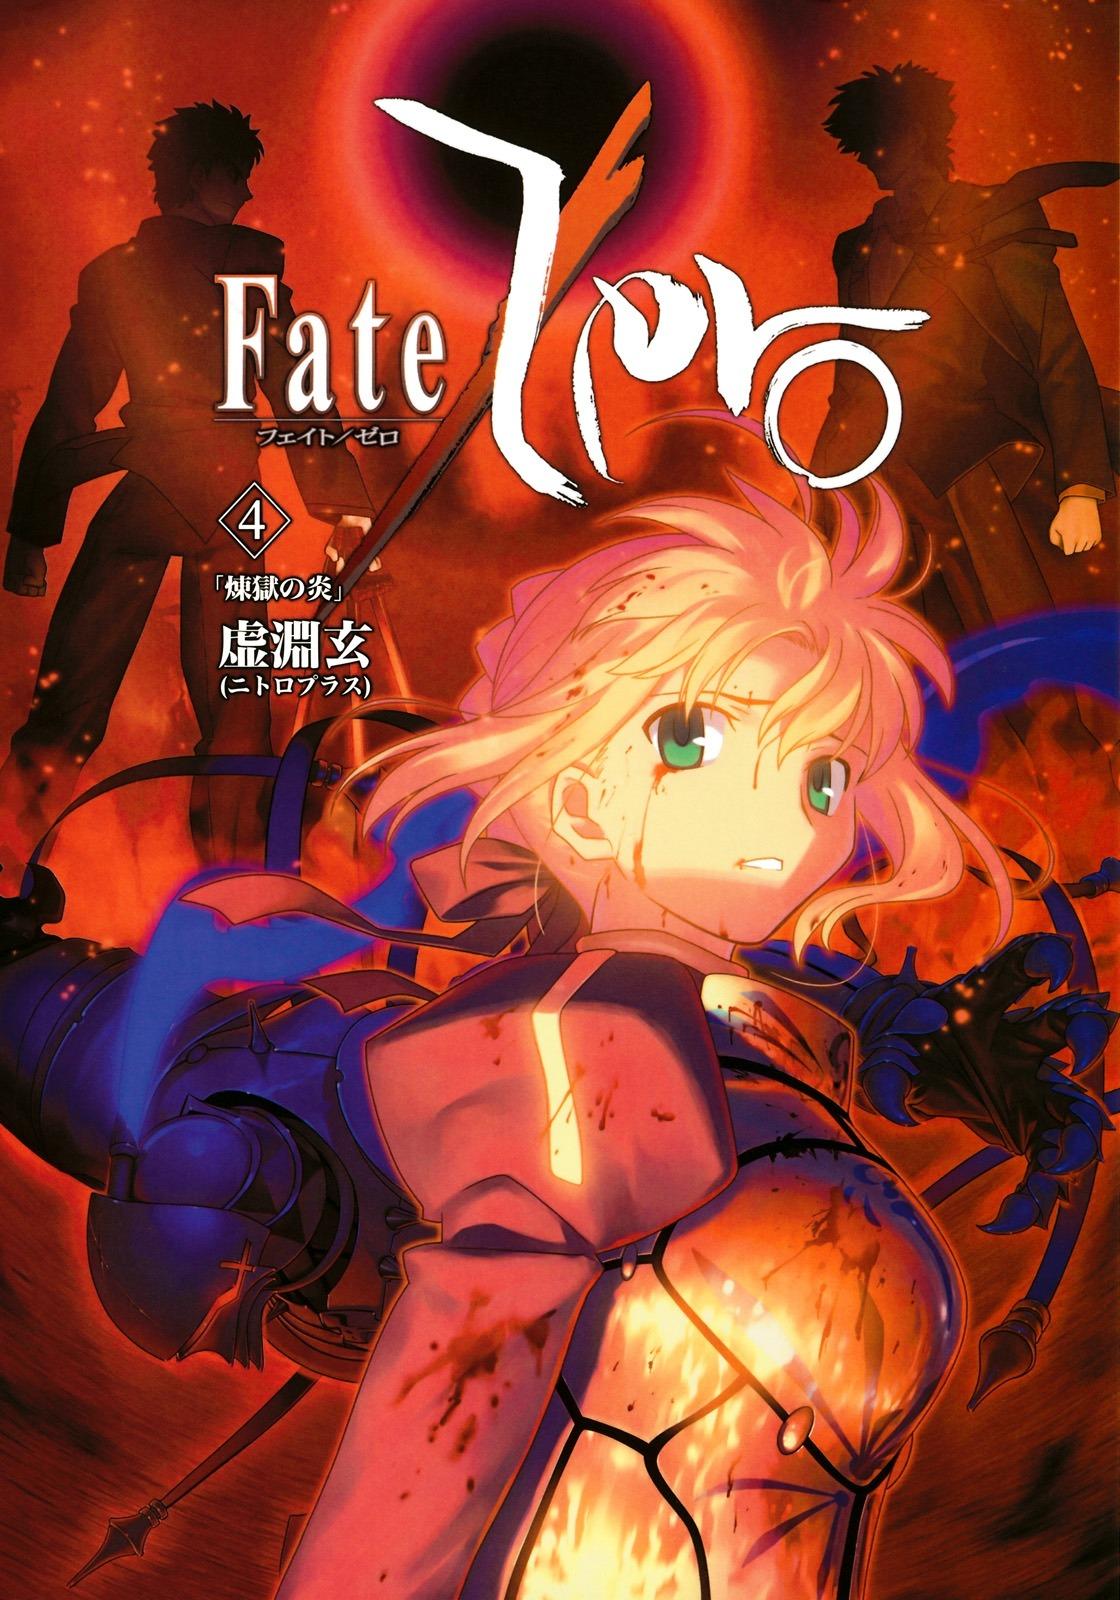 Download Fate Zero All Volumes Epub- Bahasa Indonesia Terjemahan EPUB dan PDF